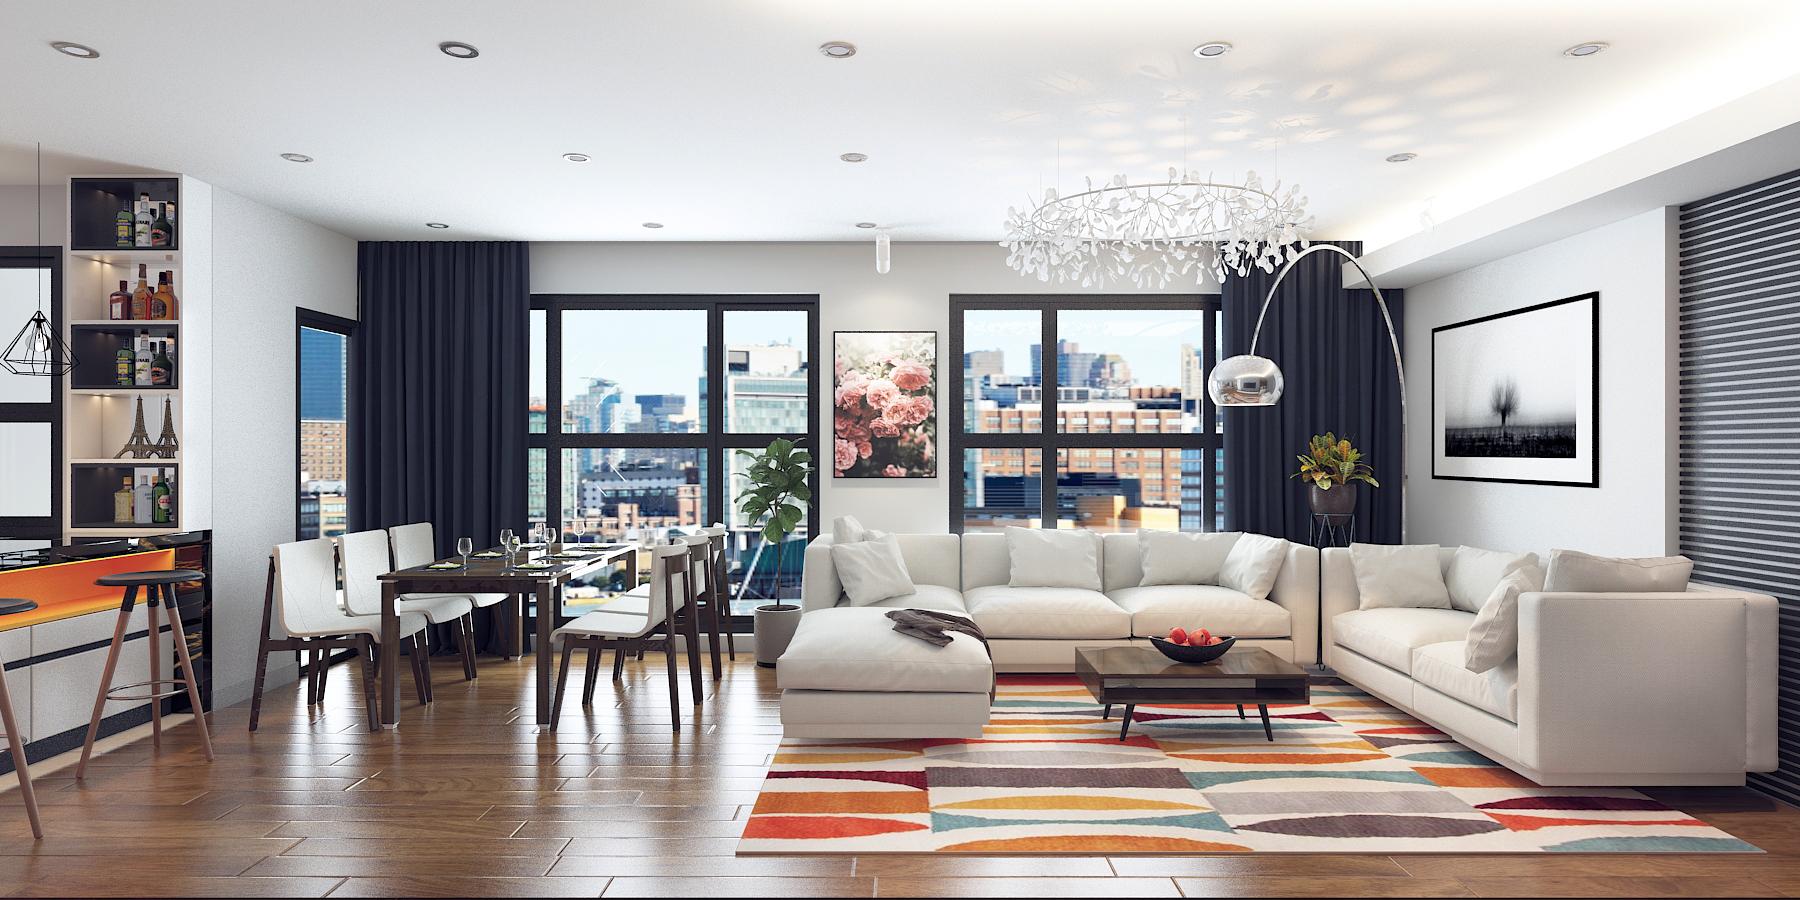 Hiệu ứng ánh sáng trong thiết kế nội thất hiện đại - Công ty Thiết ...